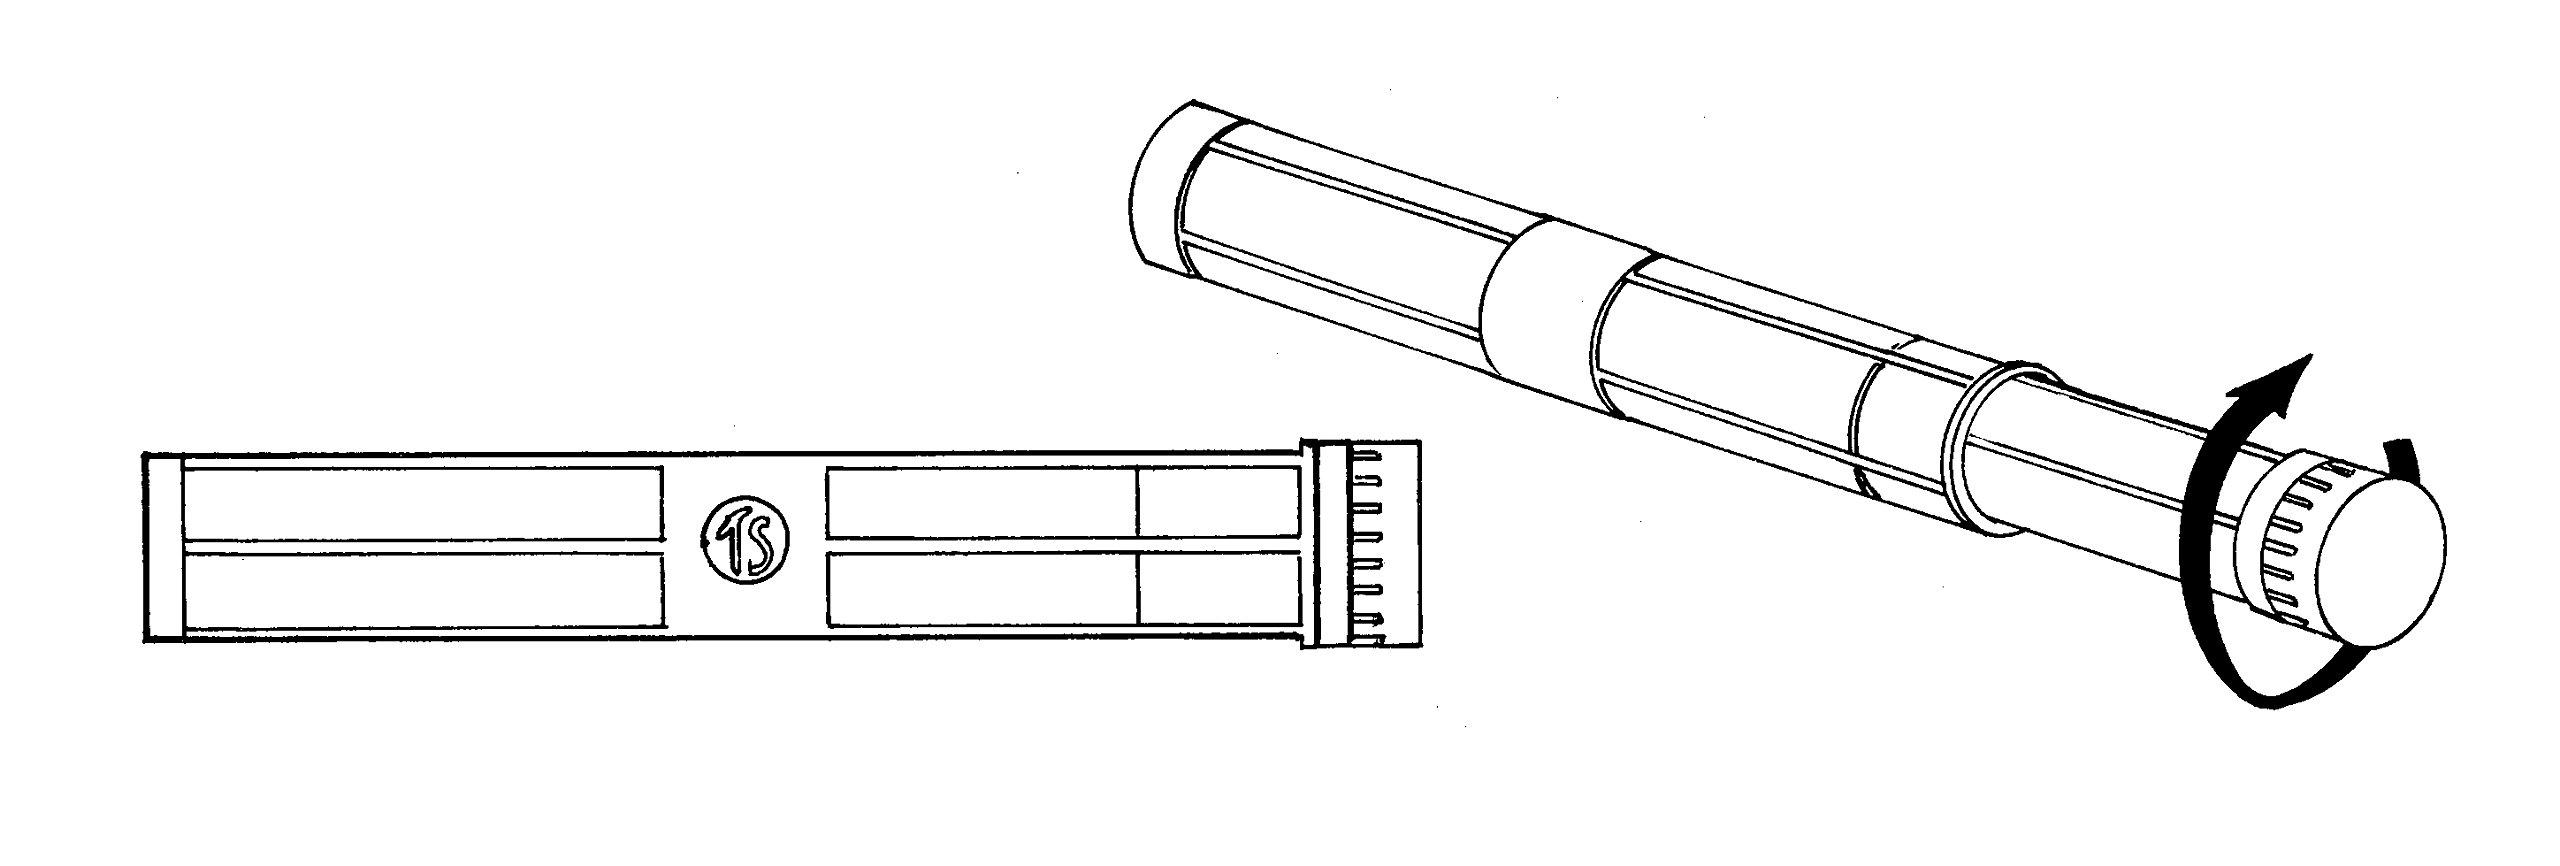 Alvin TS2 Telescoping Tube 3 inch I.D.